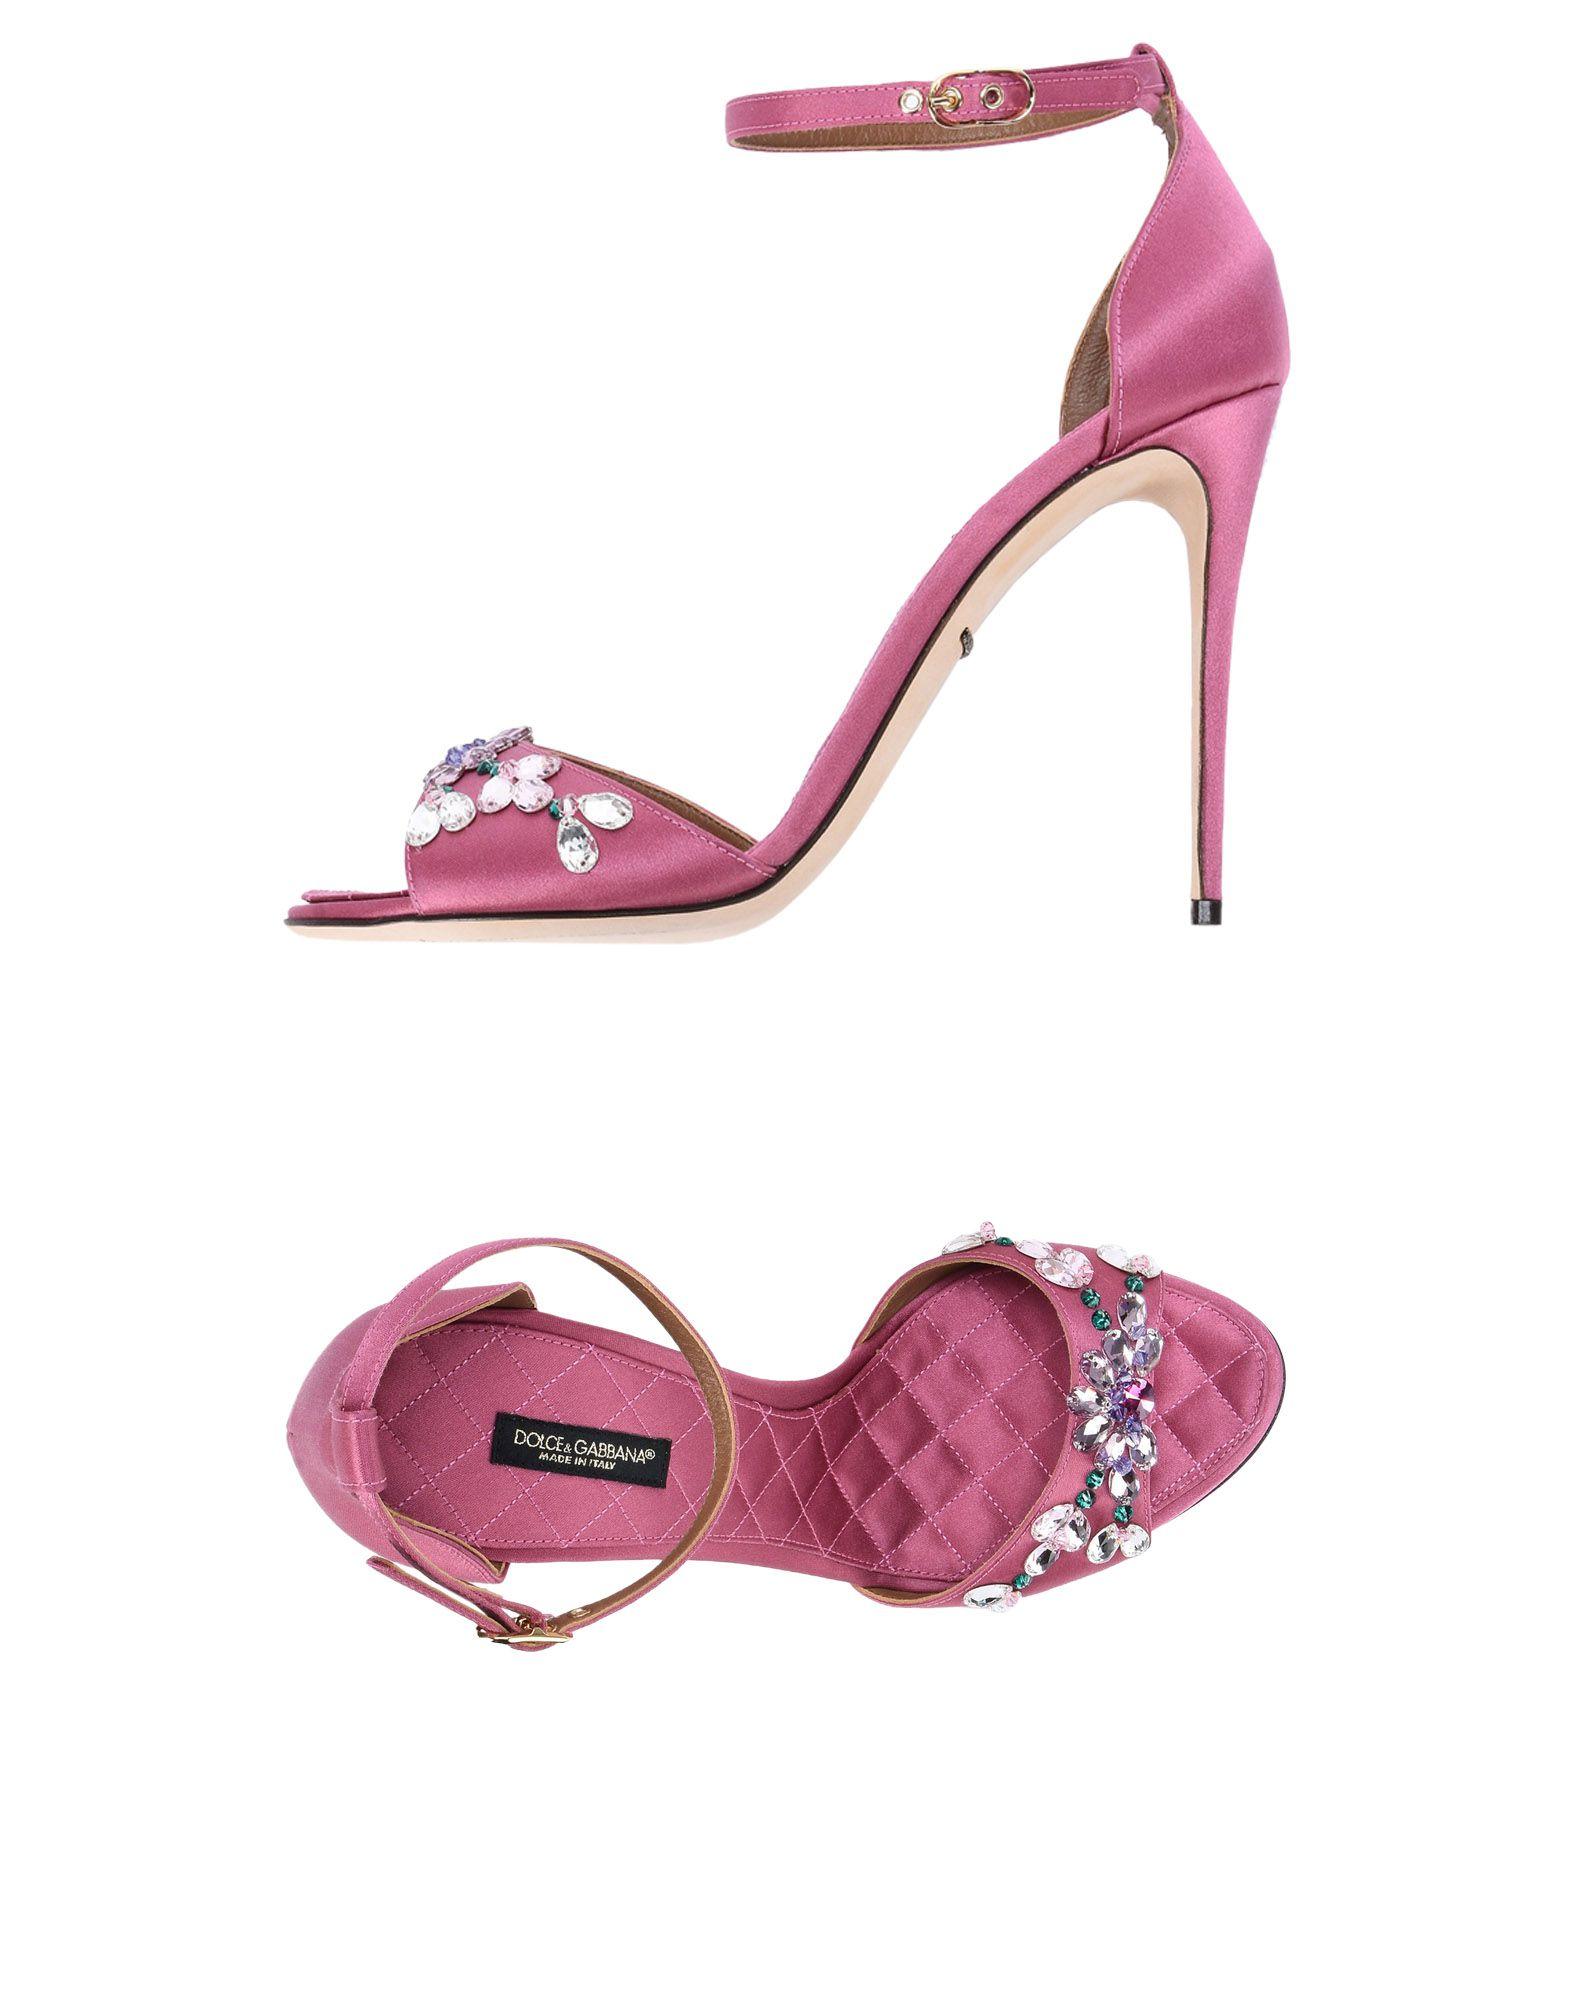 Stivali Unlace Donna - 11528744LO Scarpe economiche e buone